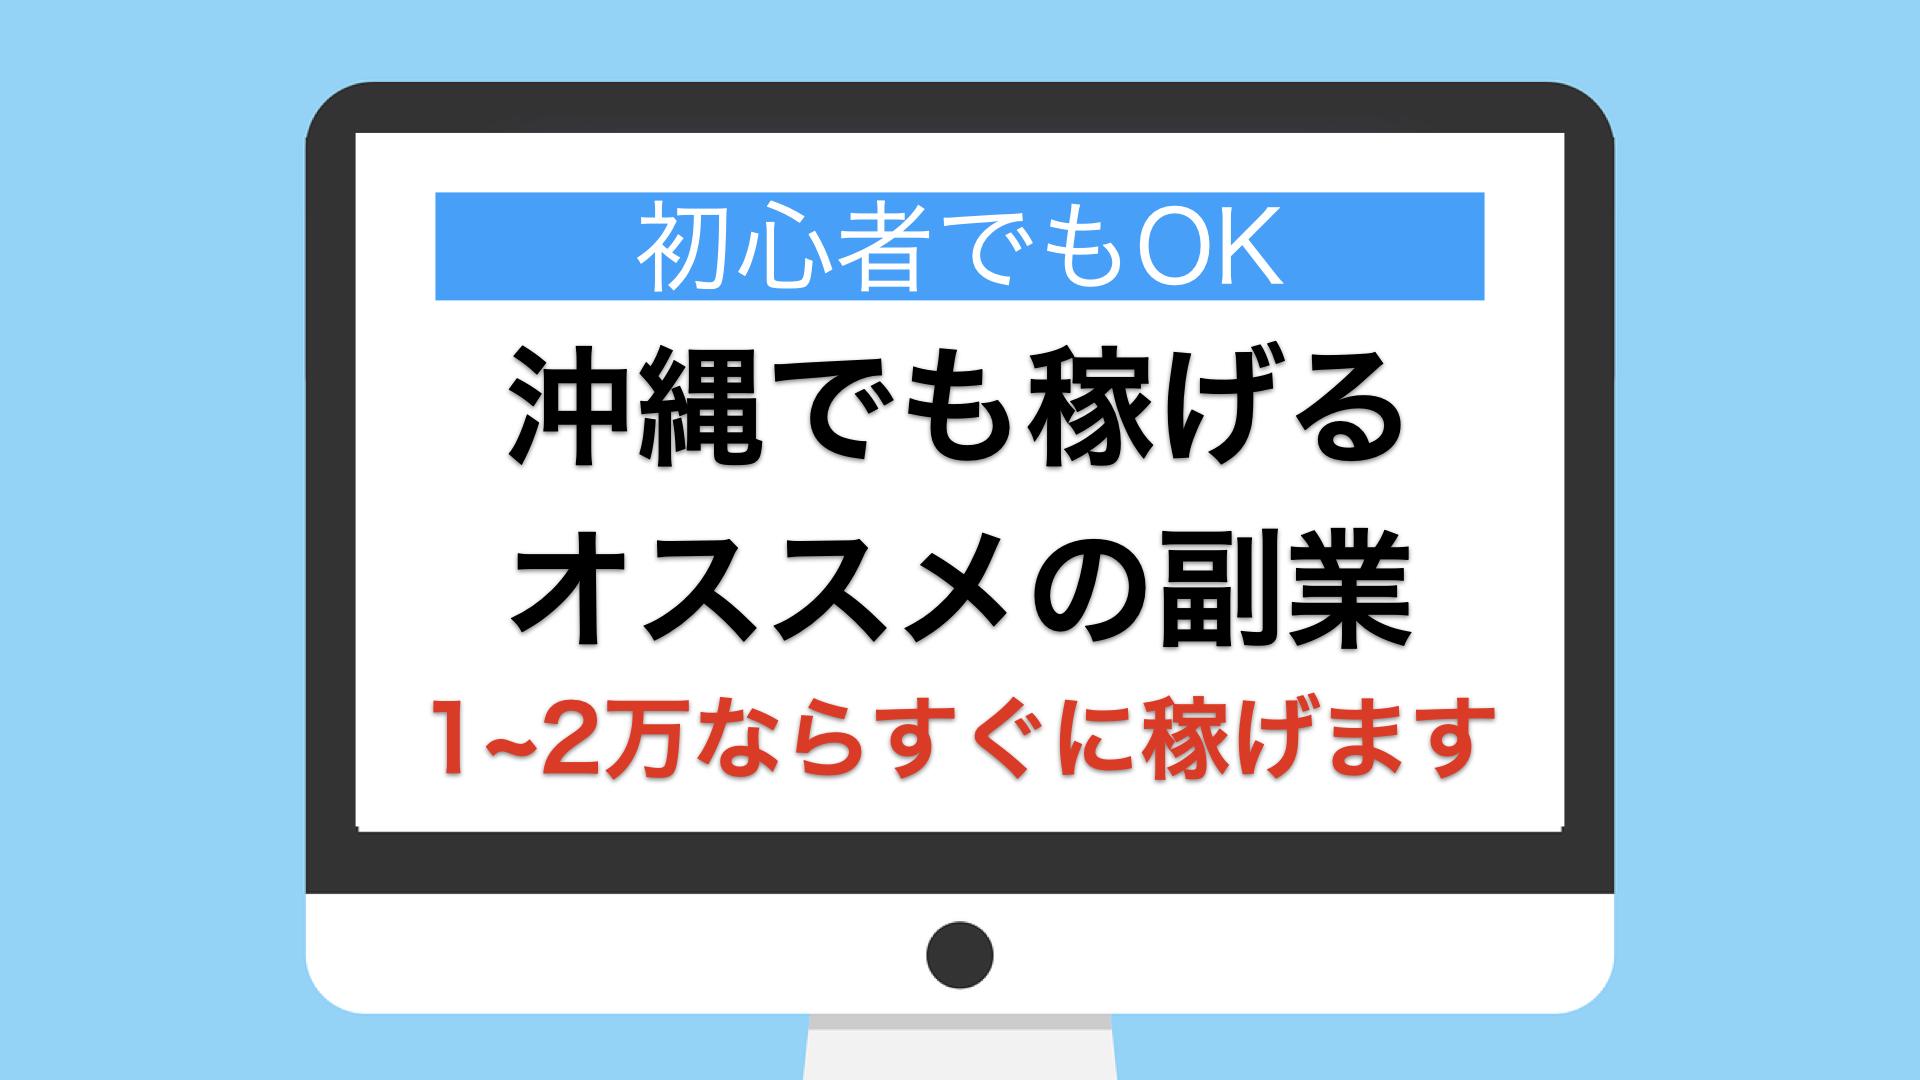 沖縄でも稼げるおすすめの副業!(初心者も1万〜2万はすぐに稼げます)